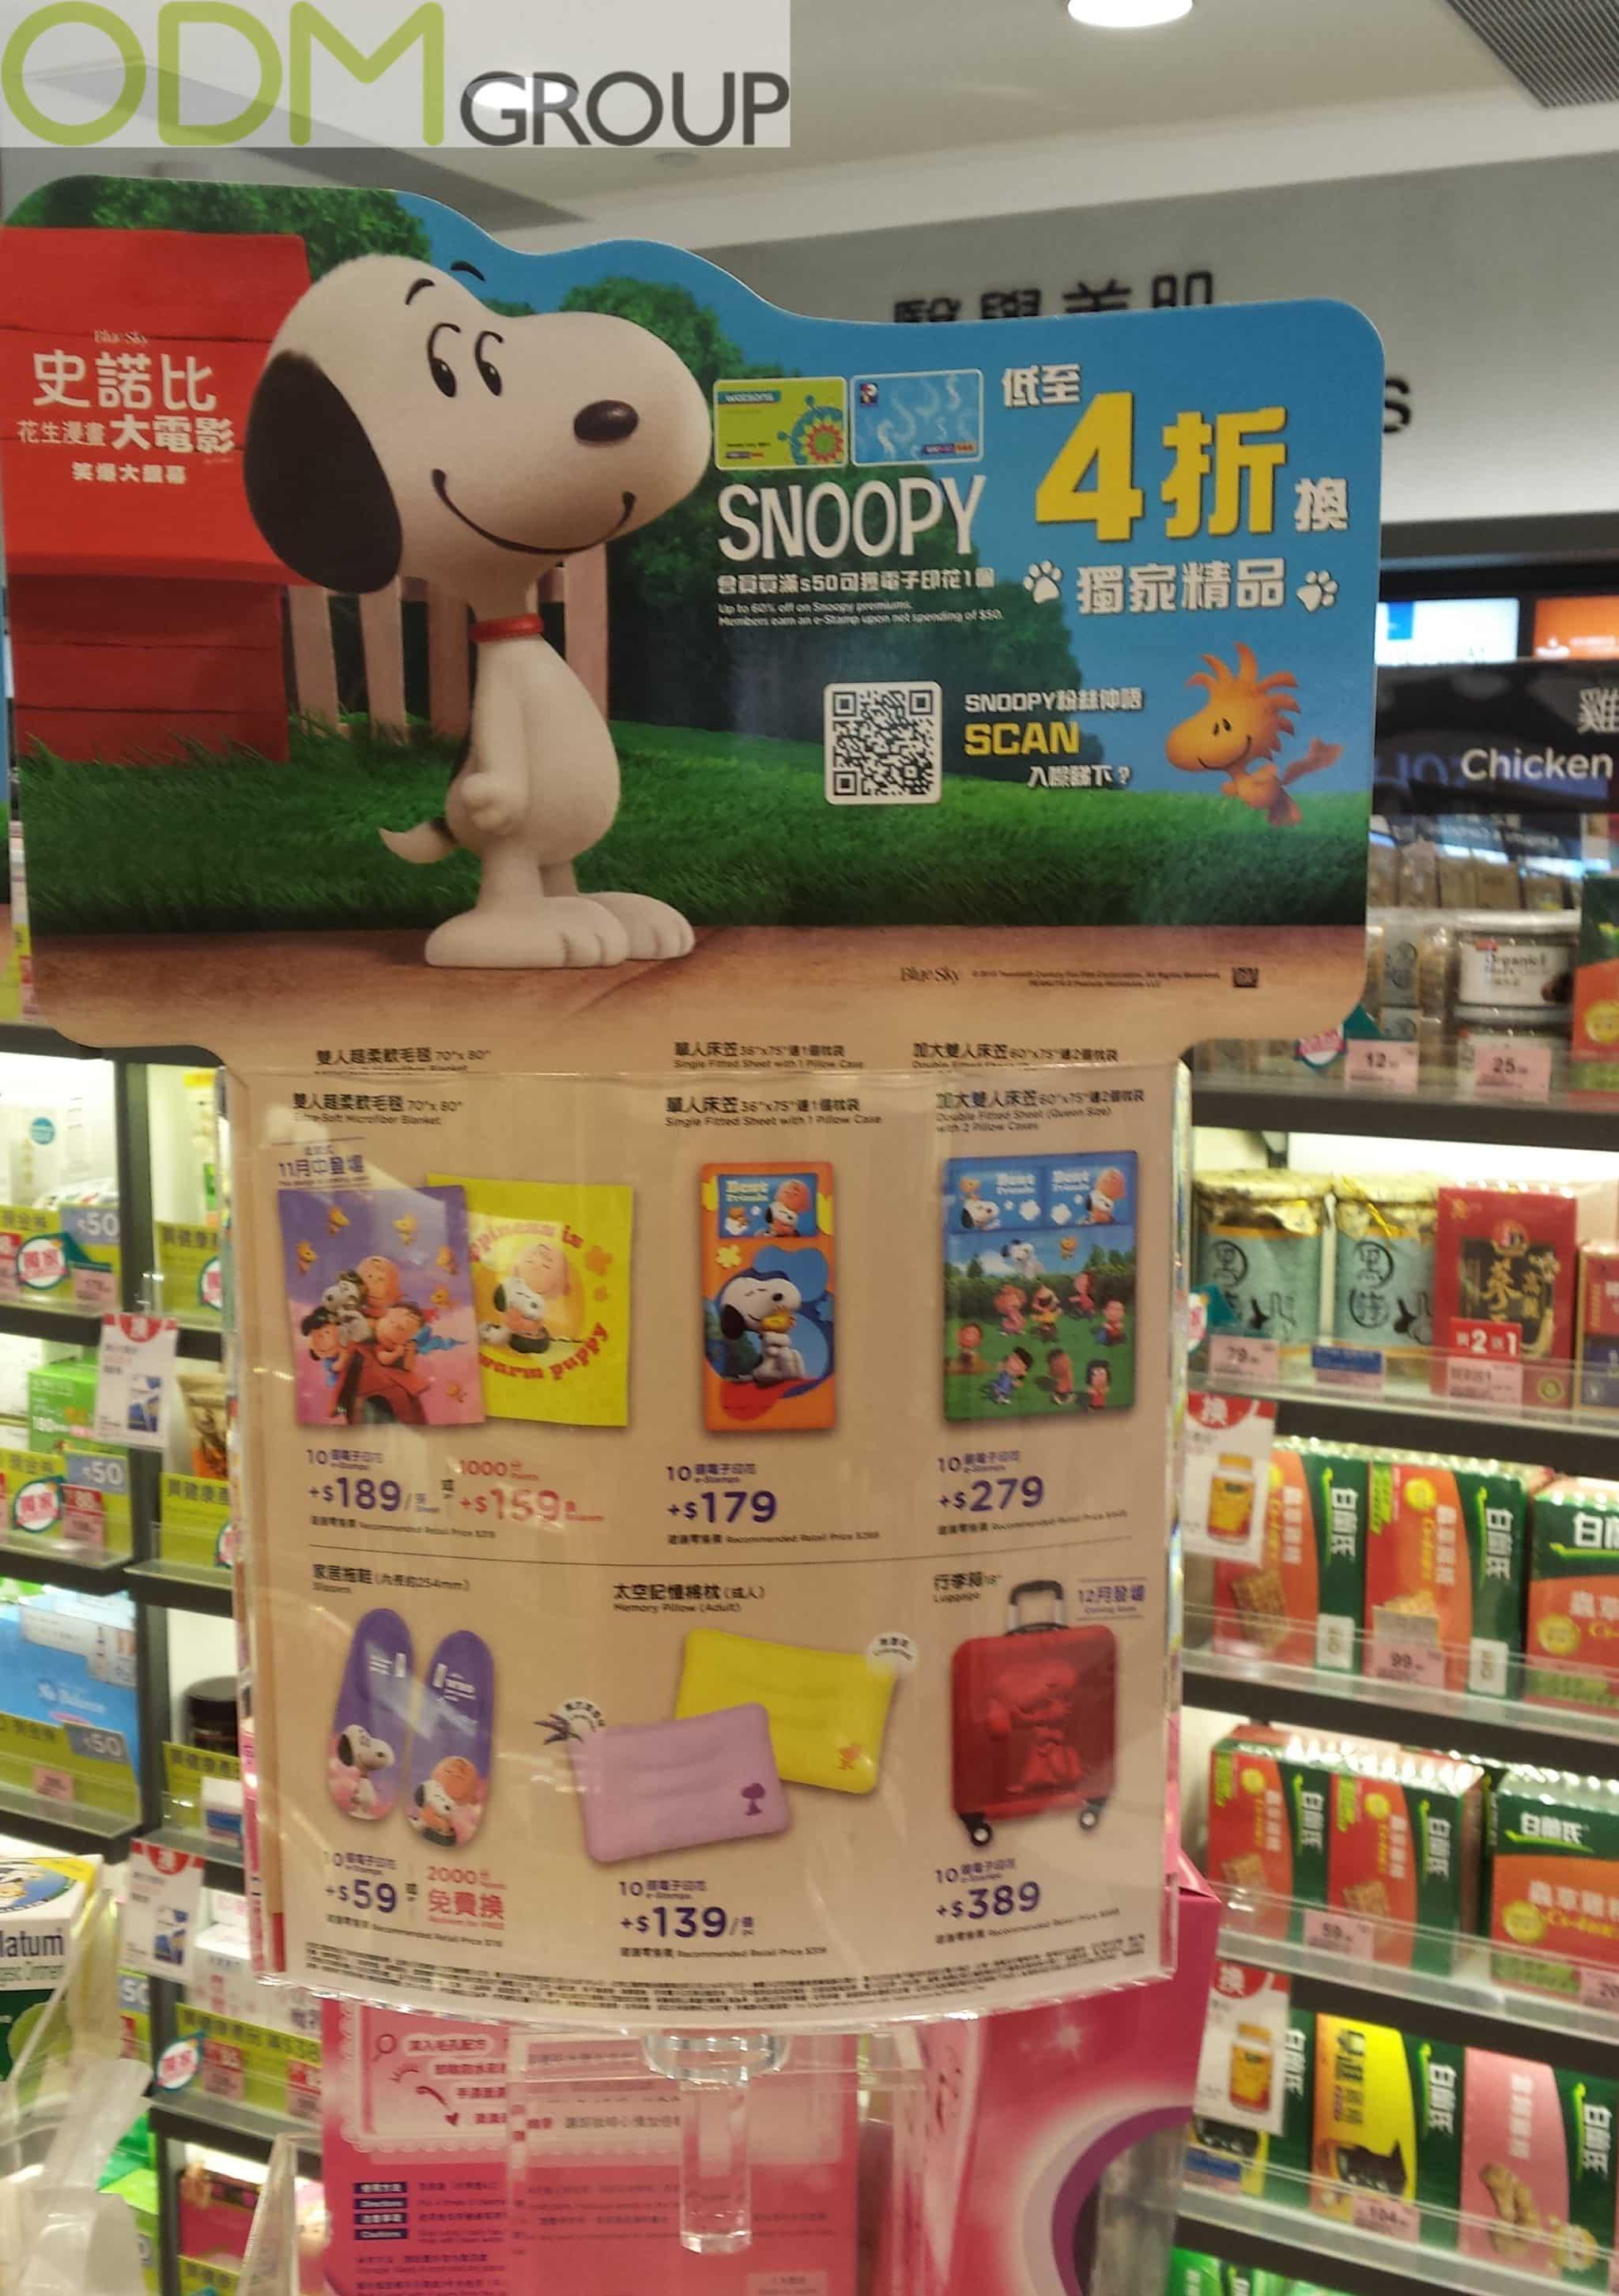 Custom Branded Peanut Film Products